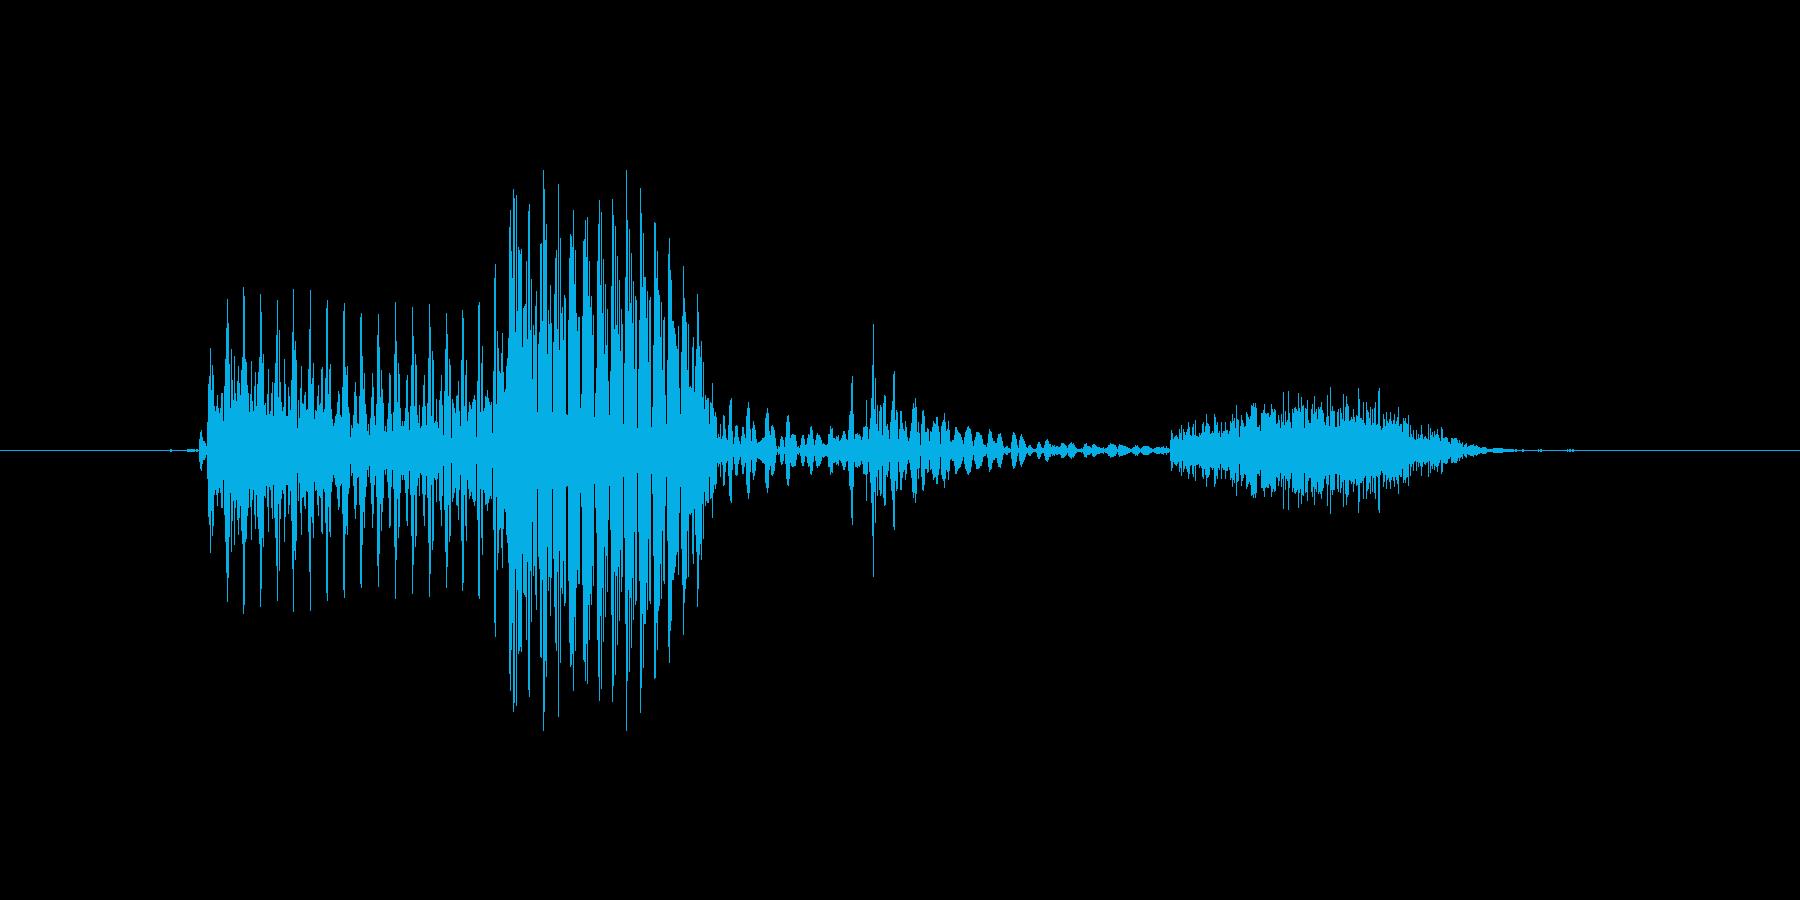 「11th/eleventh」英語の再生済みの波形